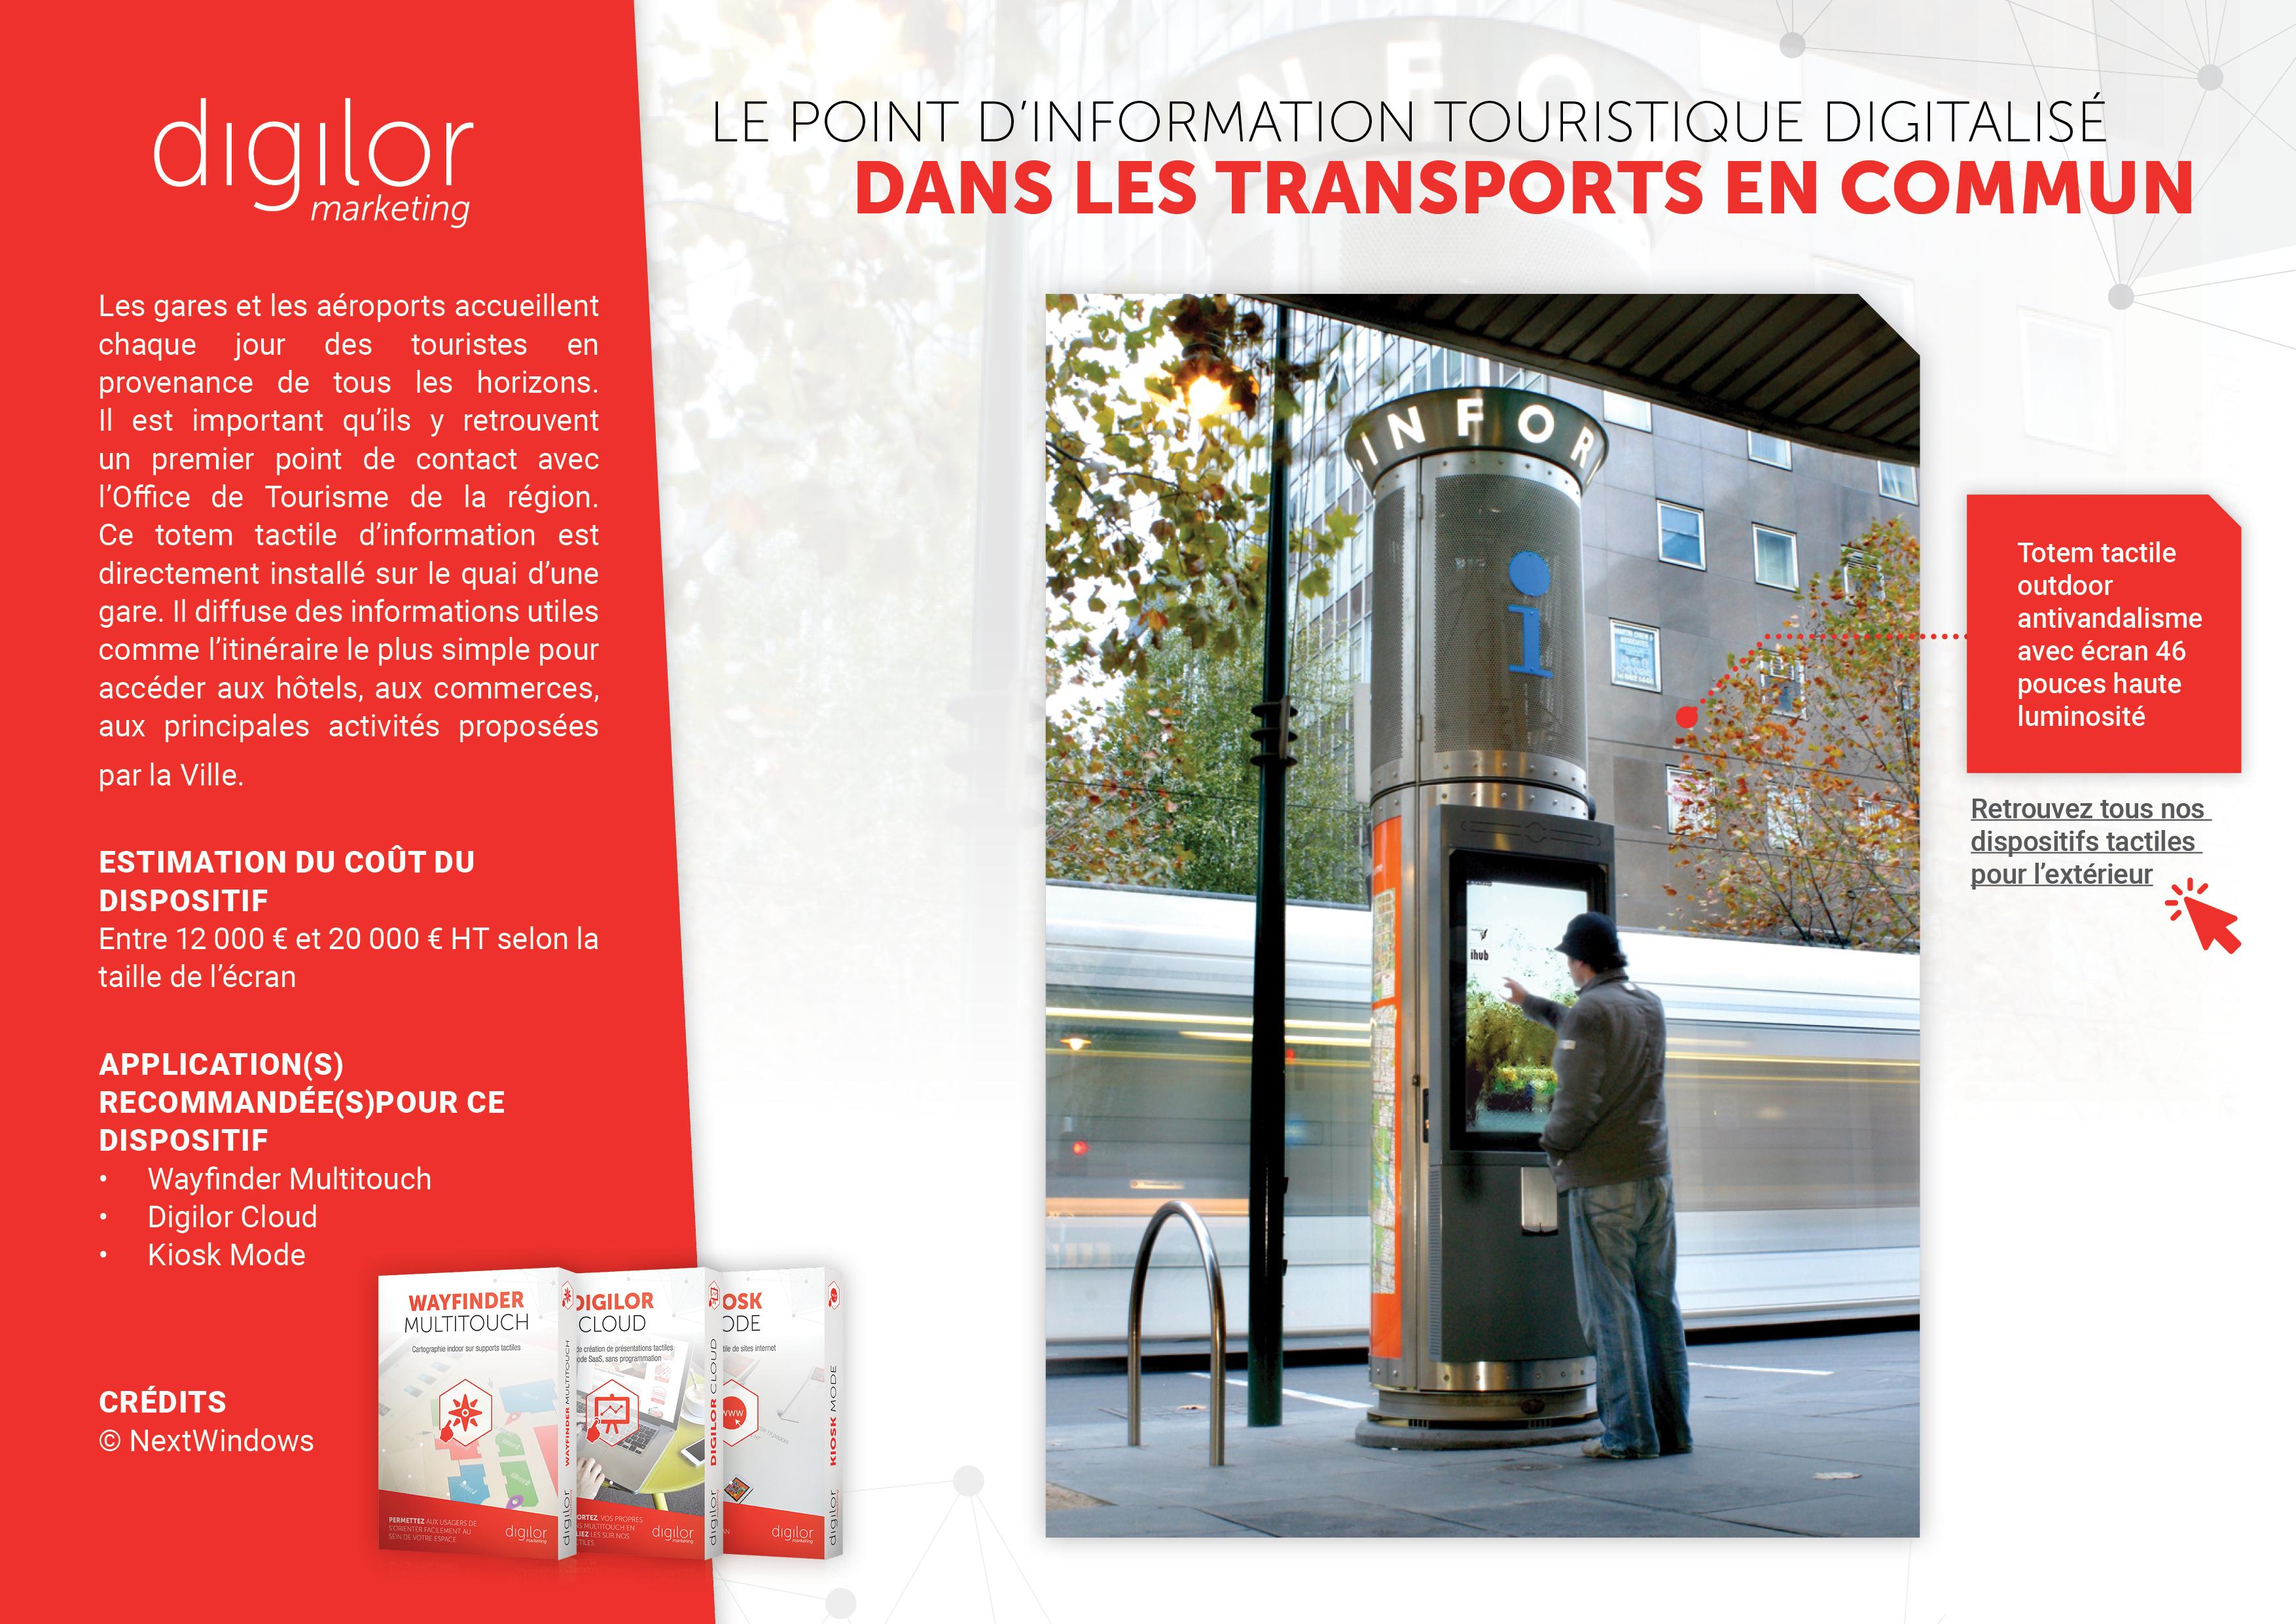 Le point d'information touristique digitalisé dans les transports en commun